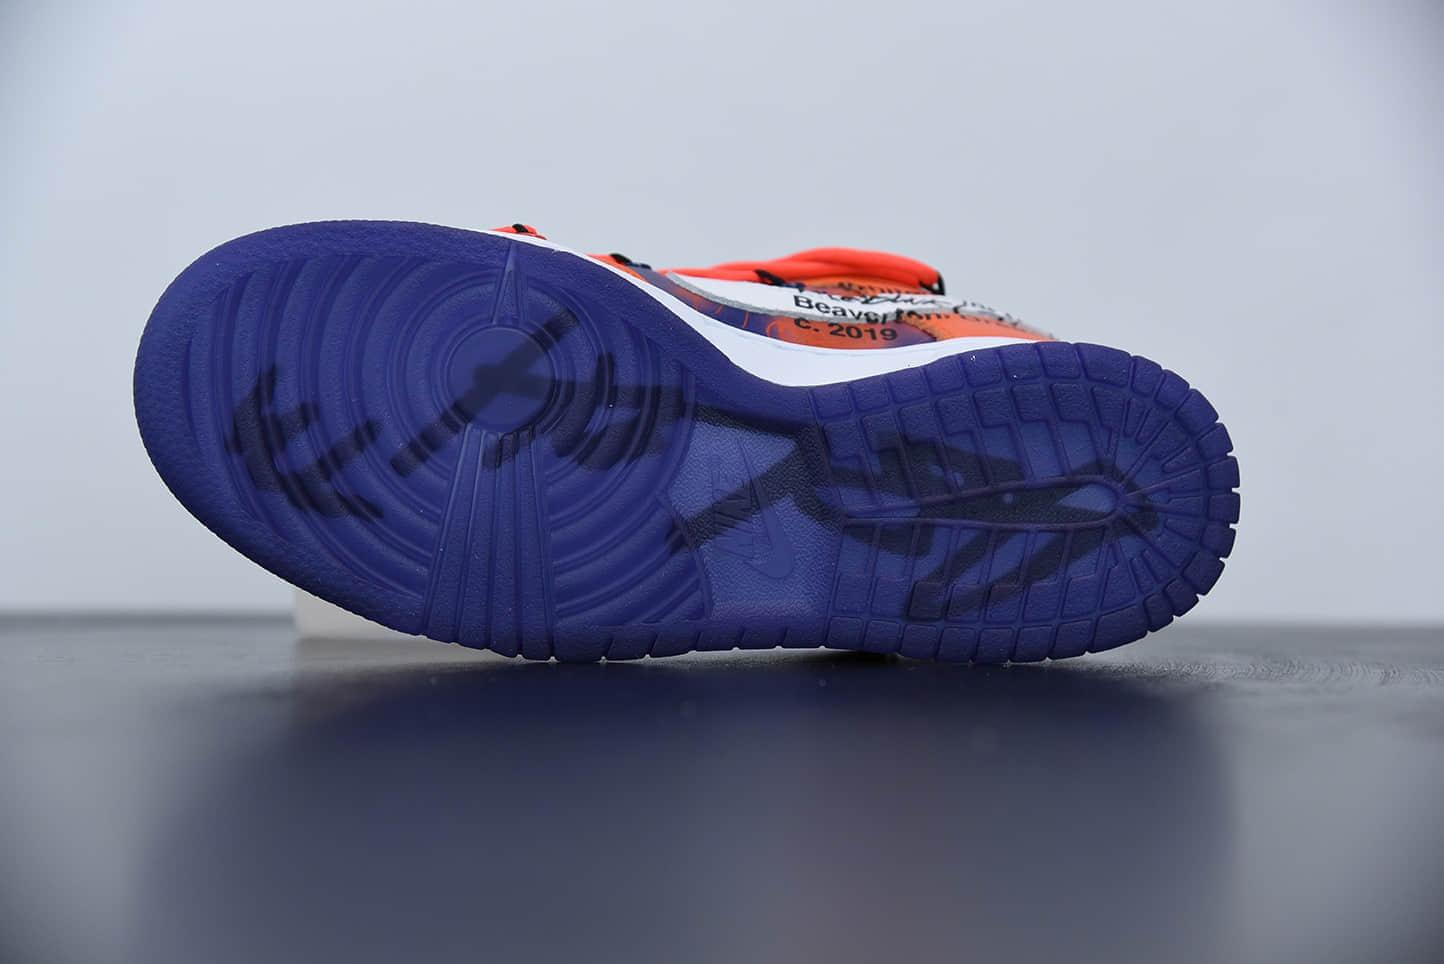 """耐克OFF-WHITE x Futura x Nike Dunk Low 三方联名扣篮系列低帮经典百搭休闲运动板鞋""""OW太阳橙蓝扎染纯原版本 货号:CT0856-801"""